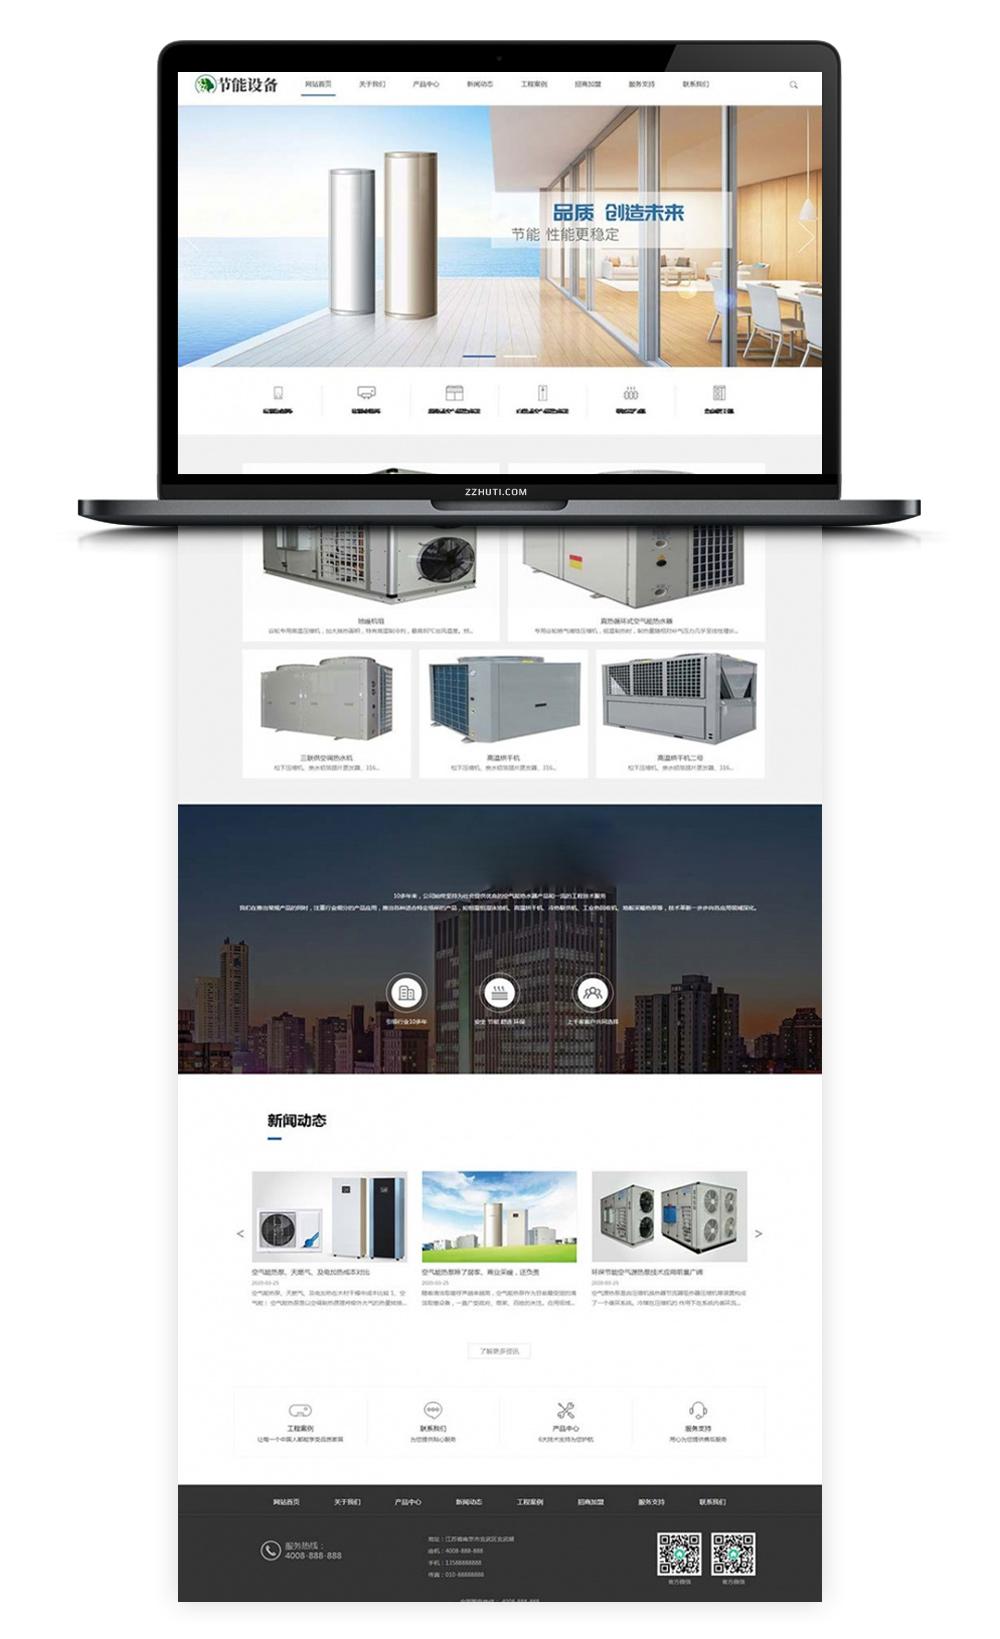 【织梦设备站模板】大气空气节能热水器设备企业网站DEDECMS模板自适应手机移动端-蓝汇源码